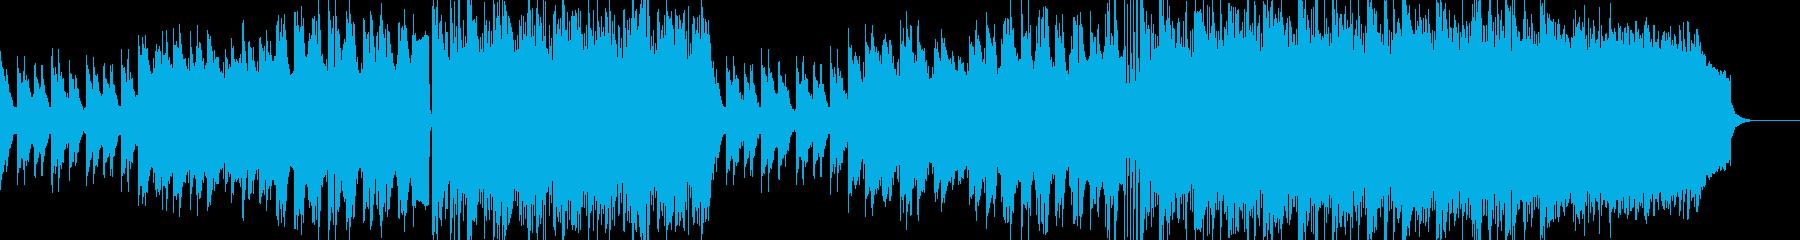 ピアノサウンドの爽やか系EDMの再生済みの波形